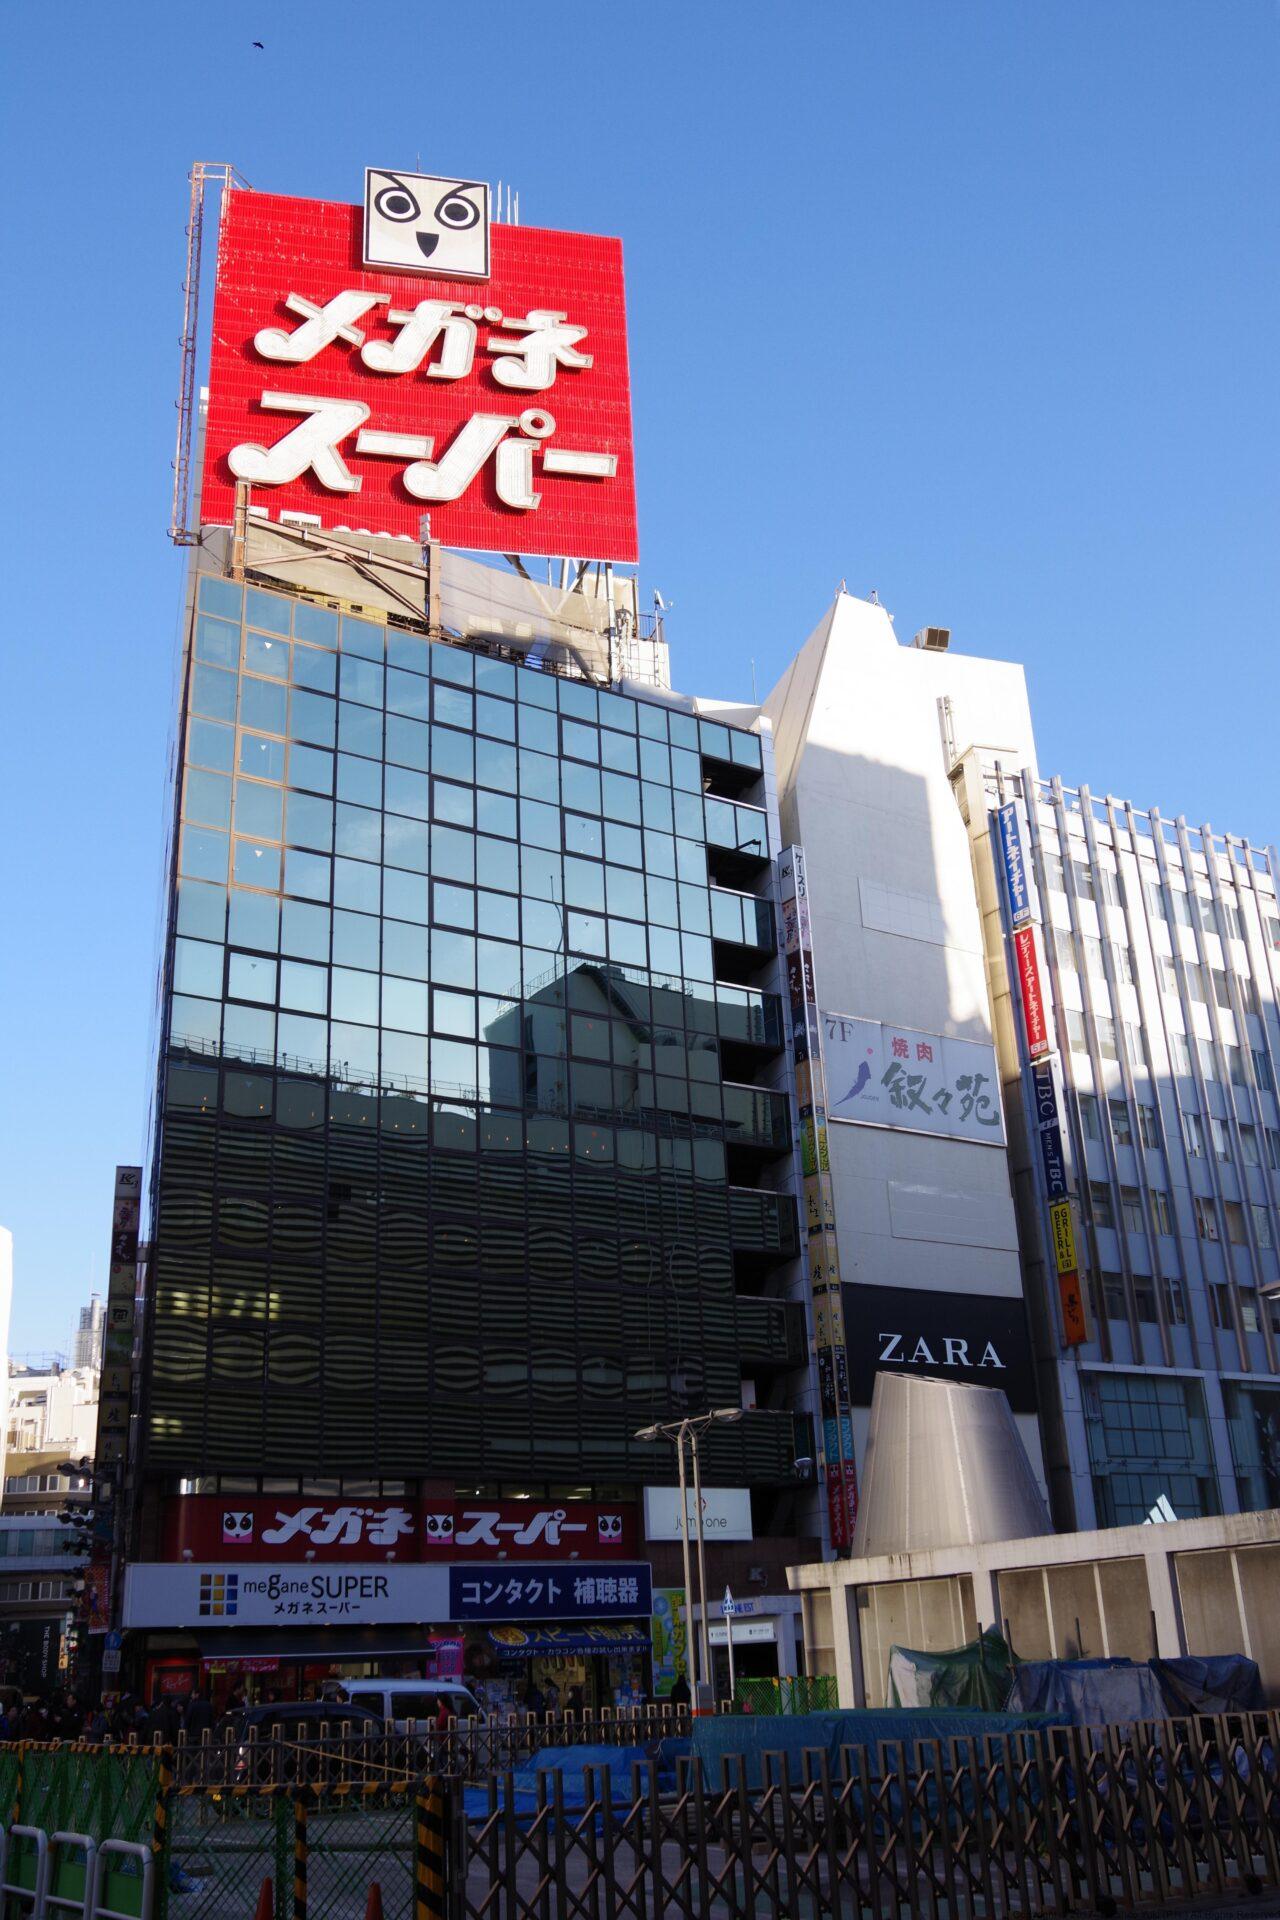 メガネスーパー新宿東口店